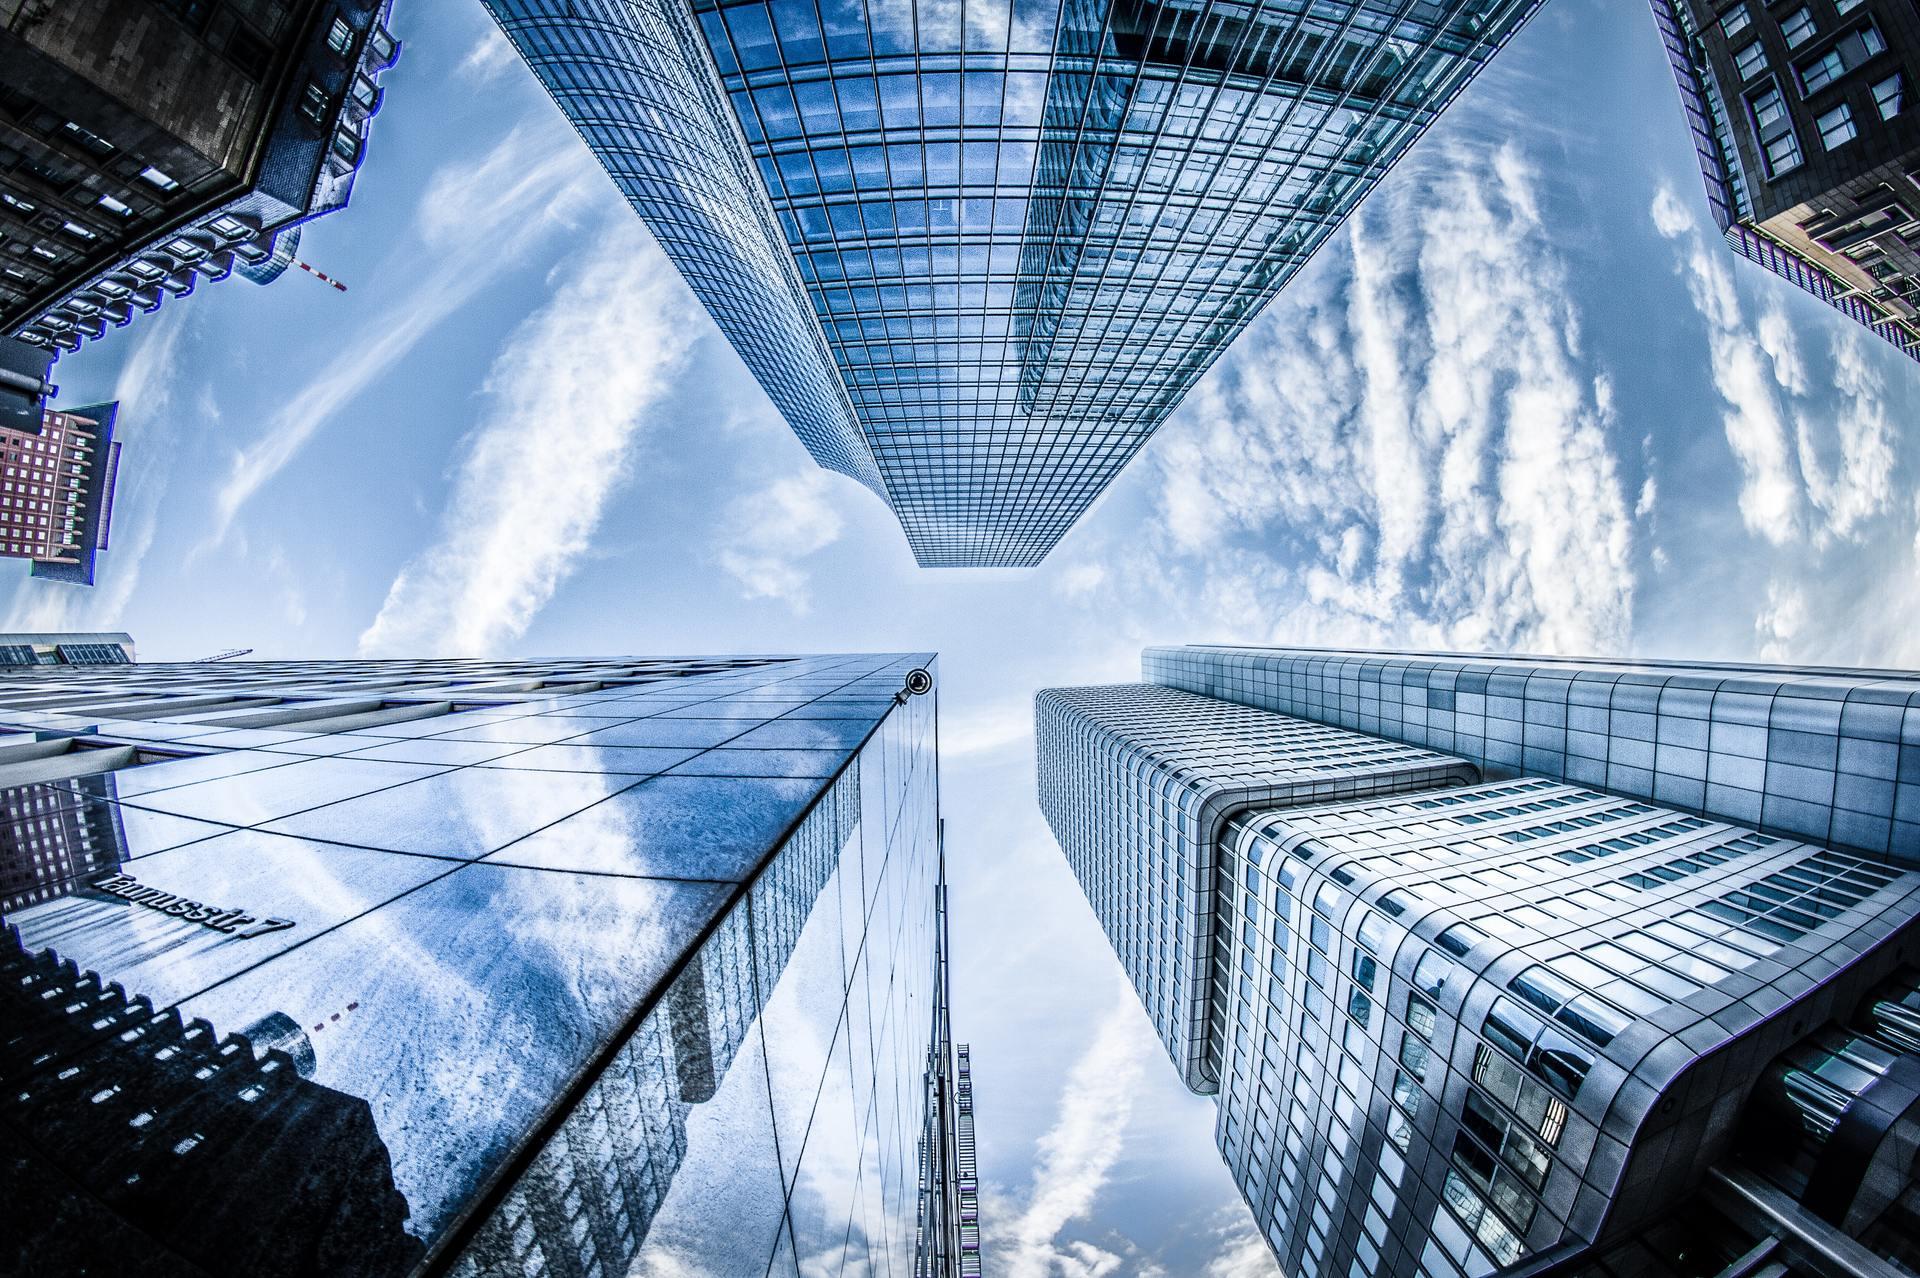 关于印发《青岛市推进绿色建筑创建行动实施方案》的通知